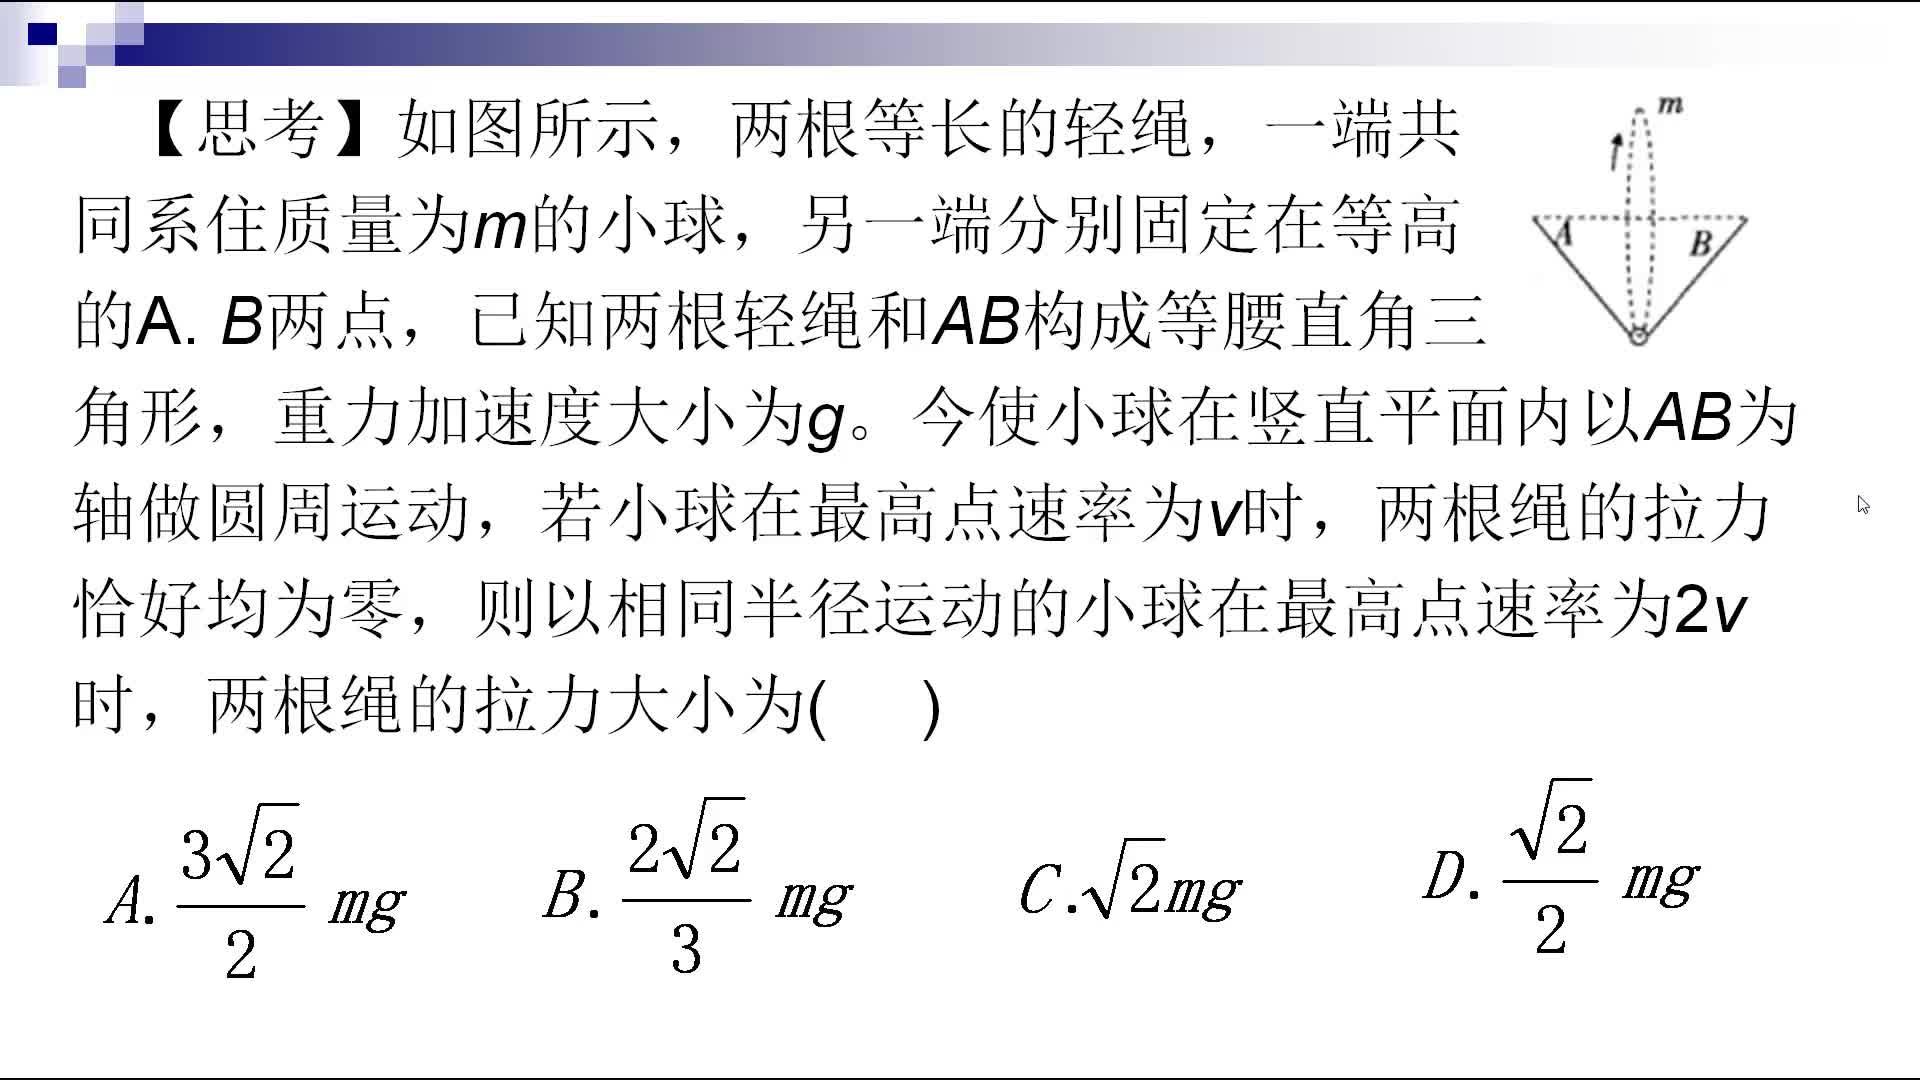 人教版高中物理必修二  5.7两根等长轻绳系住的小球(万有引力定律难点辨析)